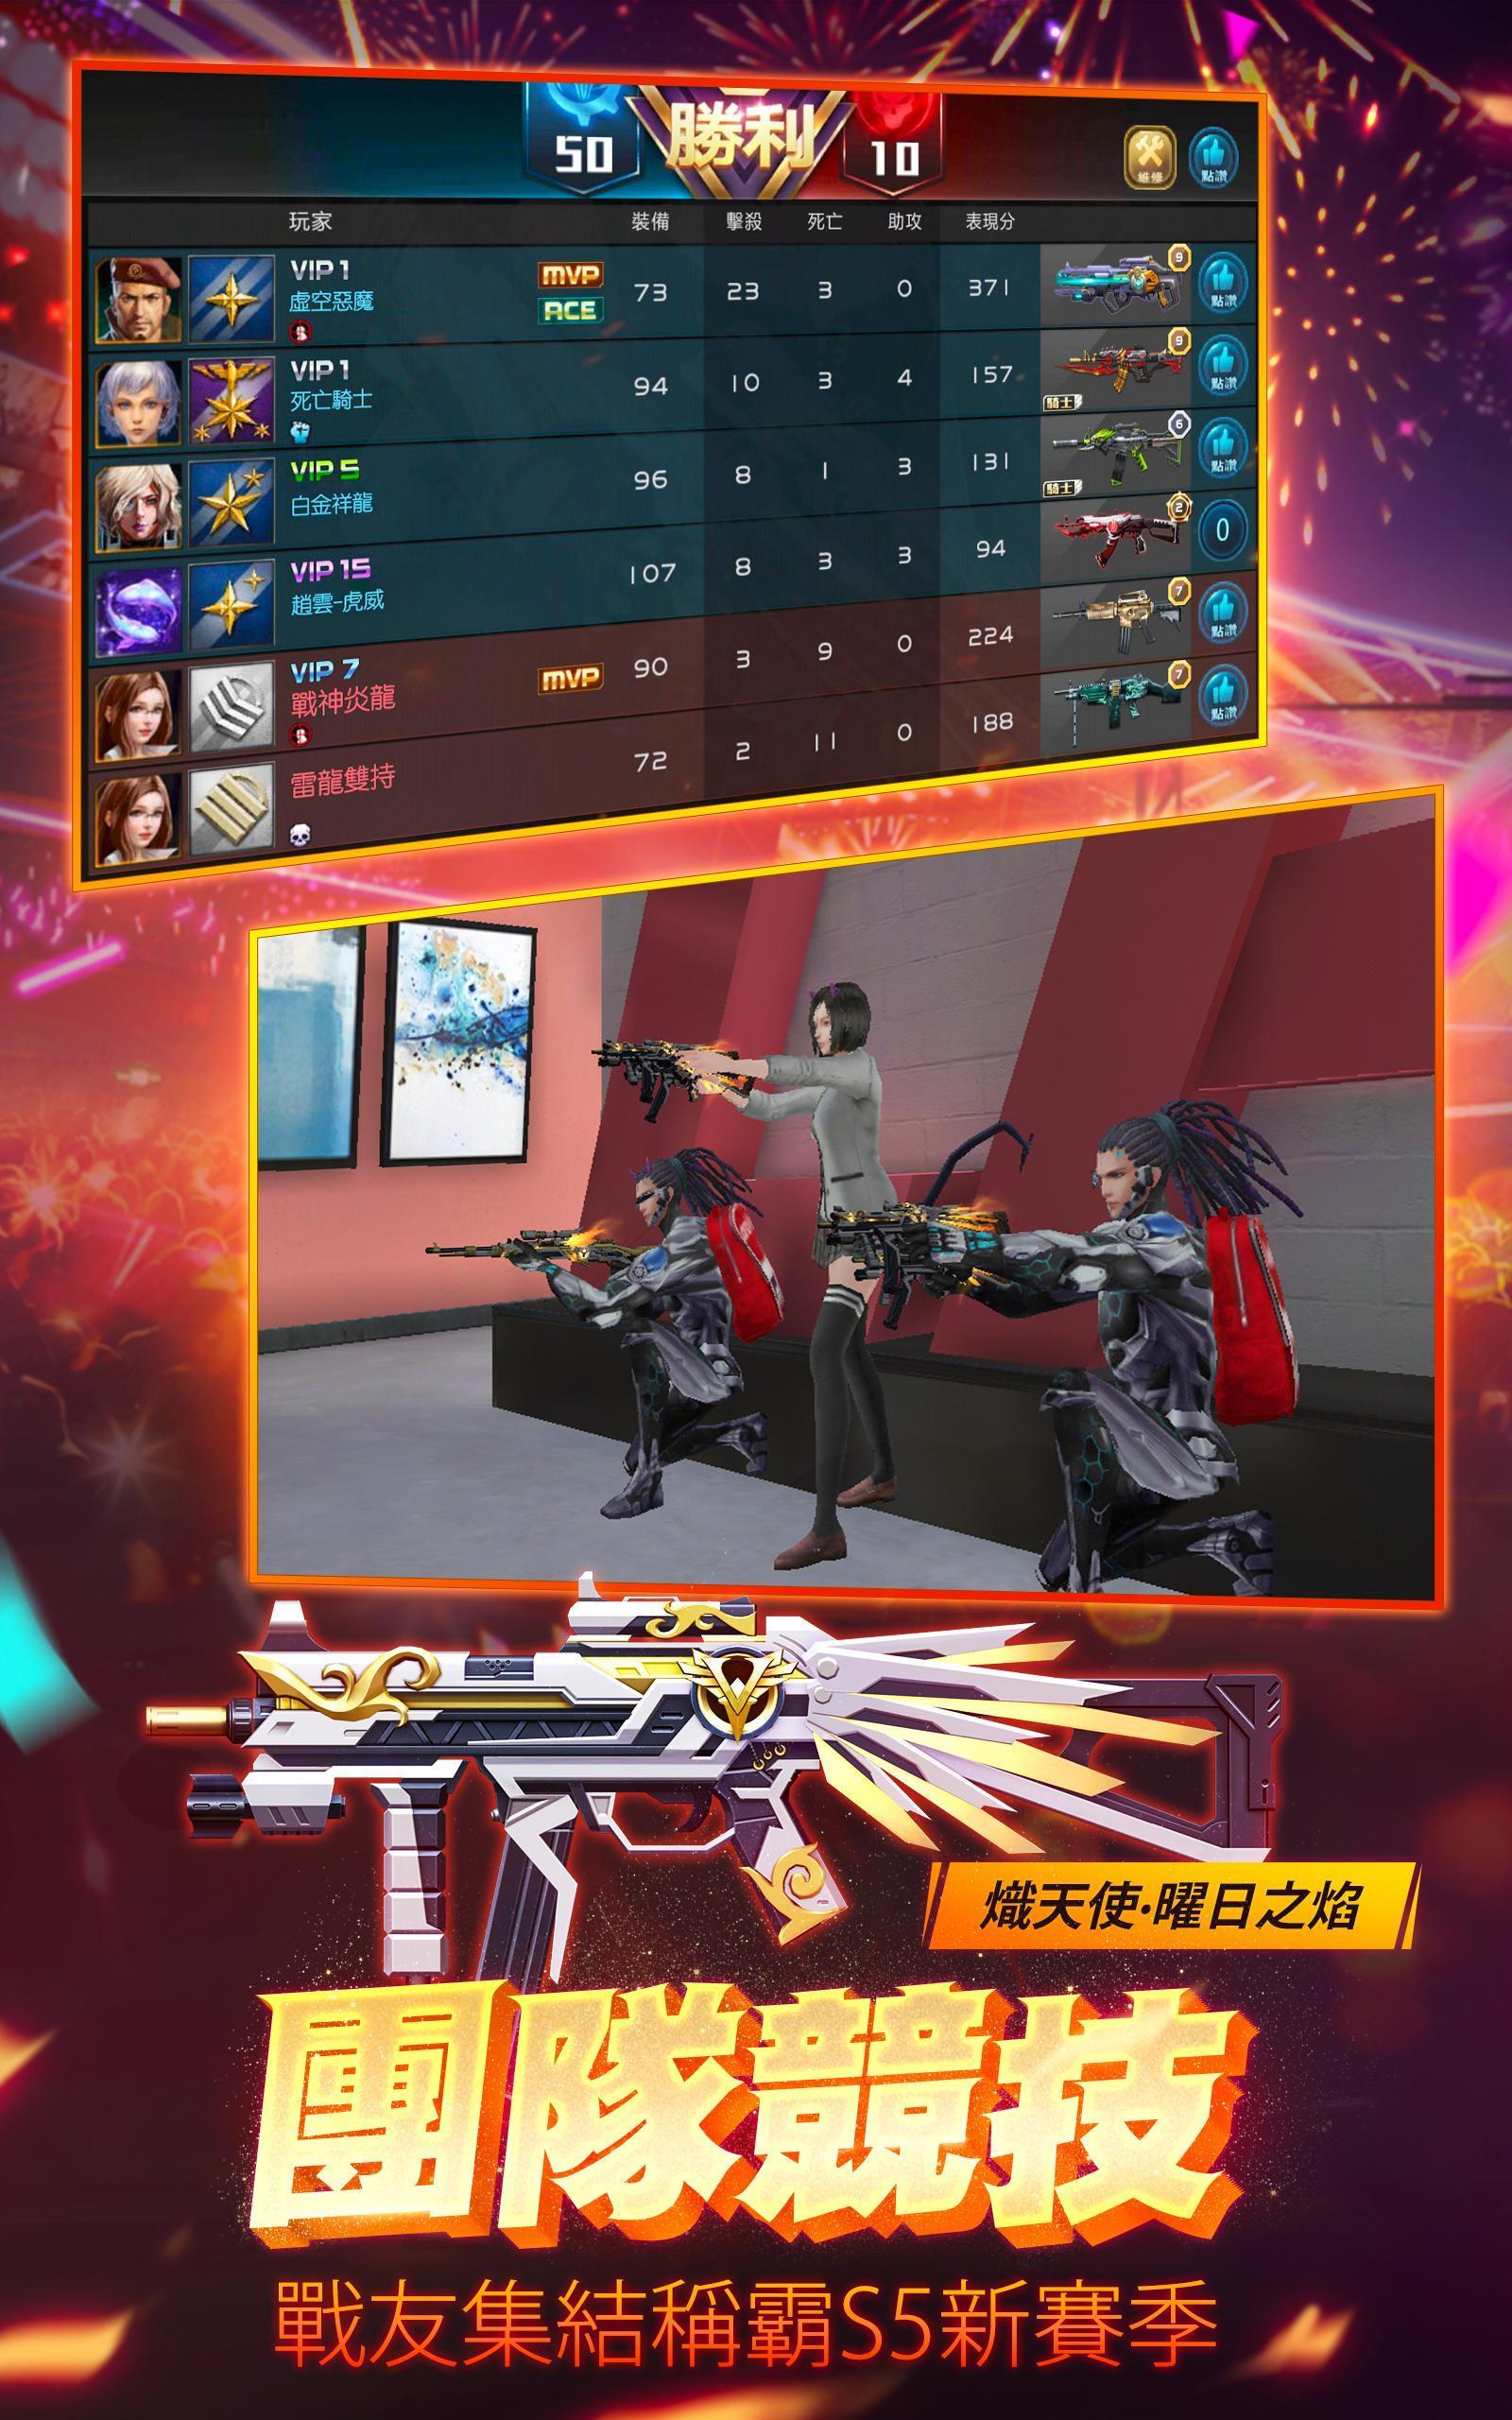 全民槍戰Crisis Action: No.1 FPS Game 3.10.03 Screenshot 9